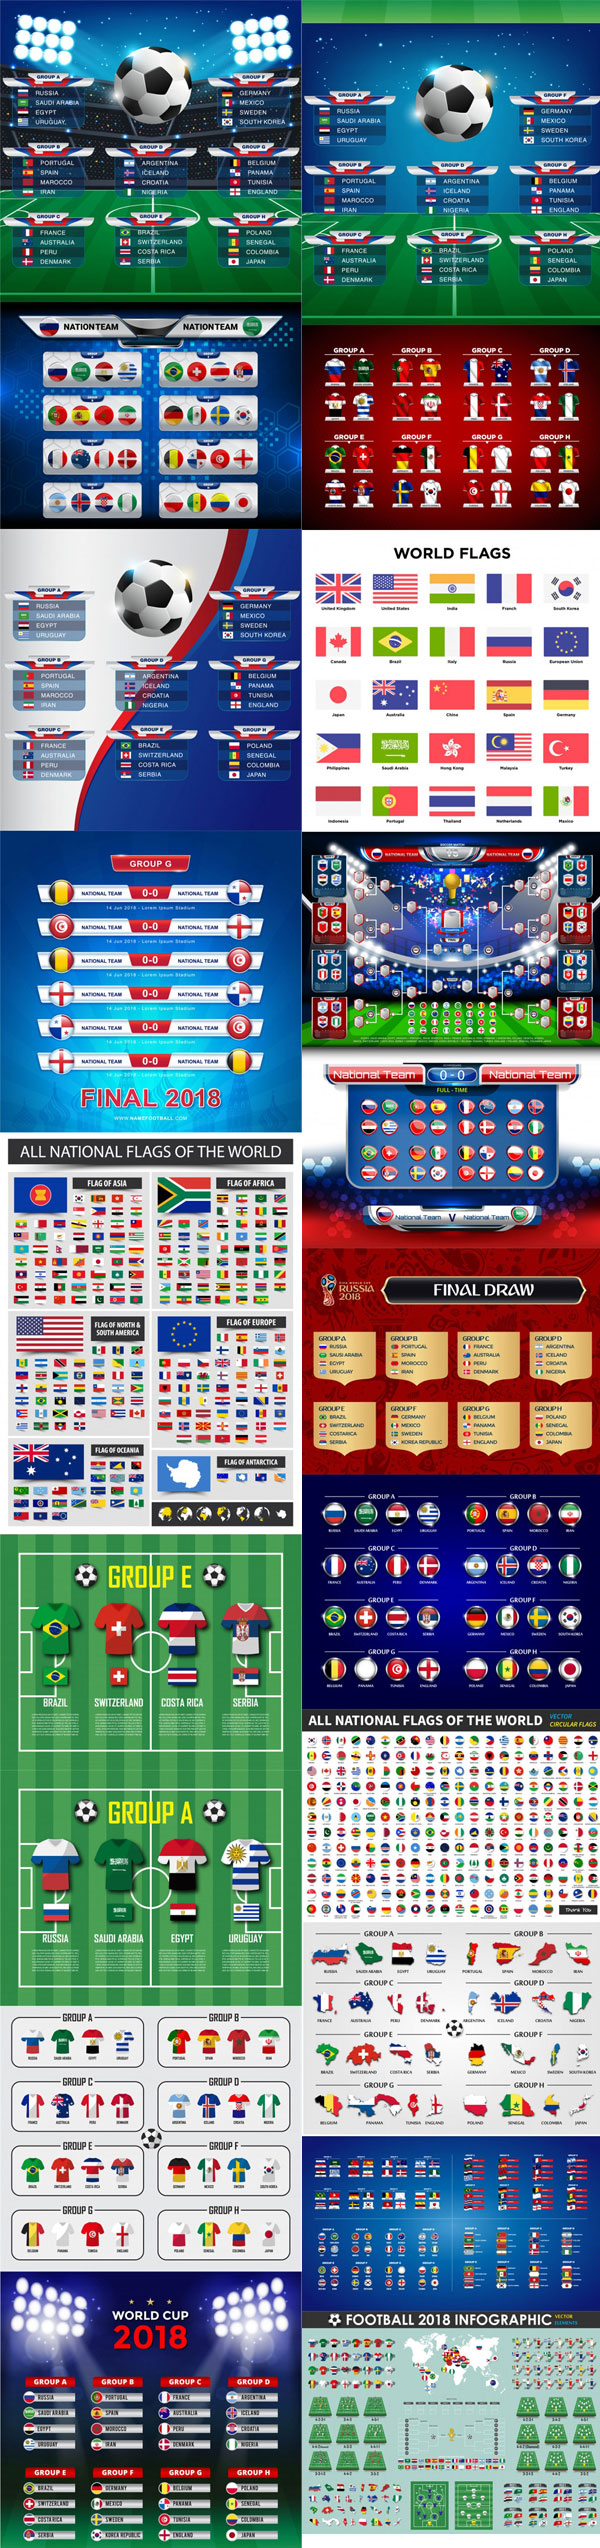 世界杯分组信息